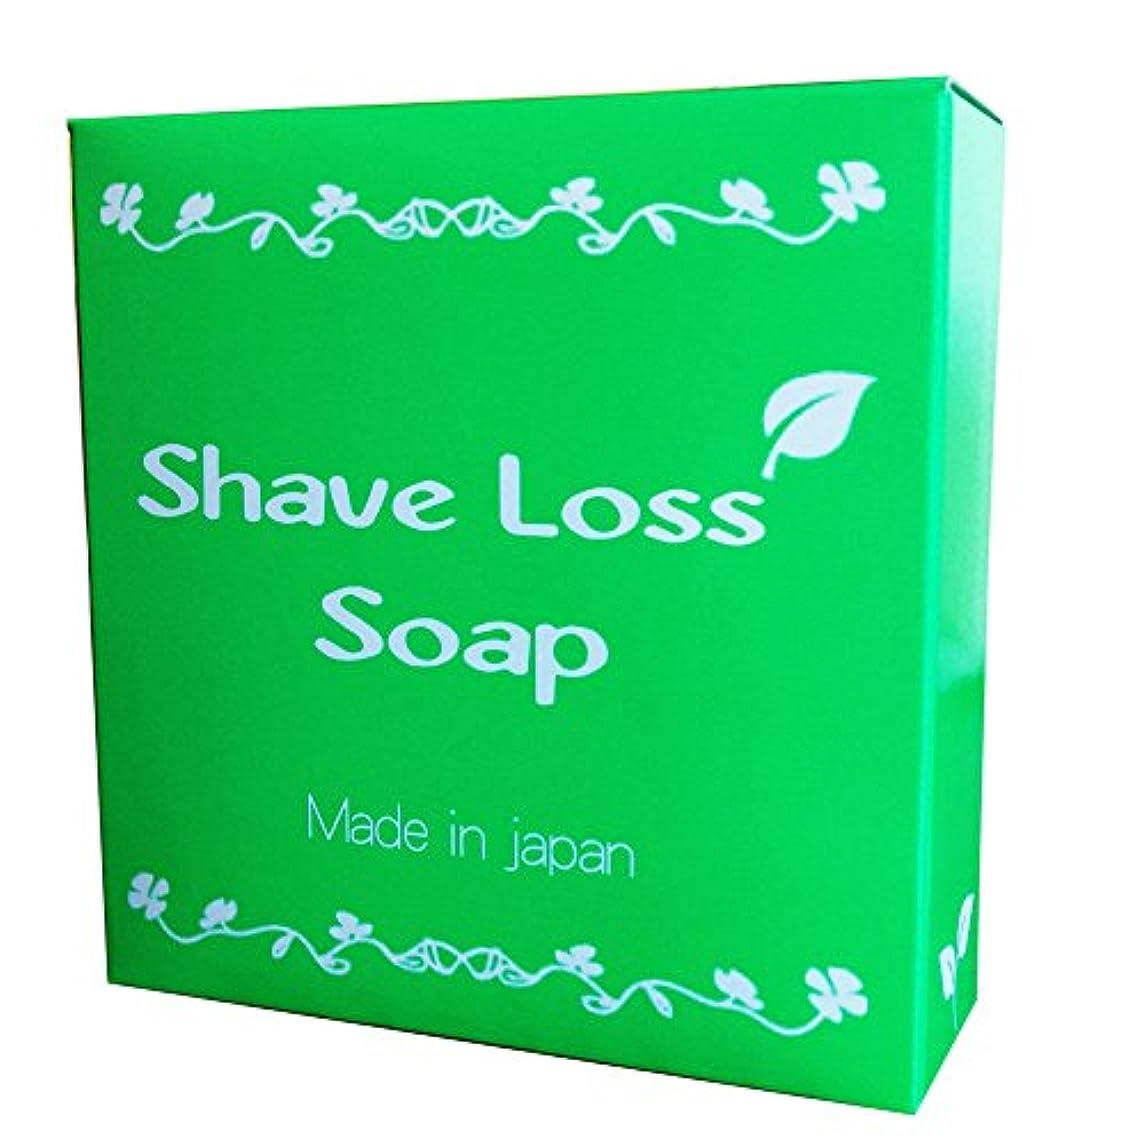 によってファブリックジャンプするShave Loss Soap 女性のツルツルを叶える 奇跡の石鹸 80g (1個)